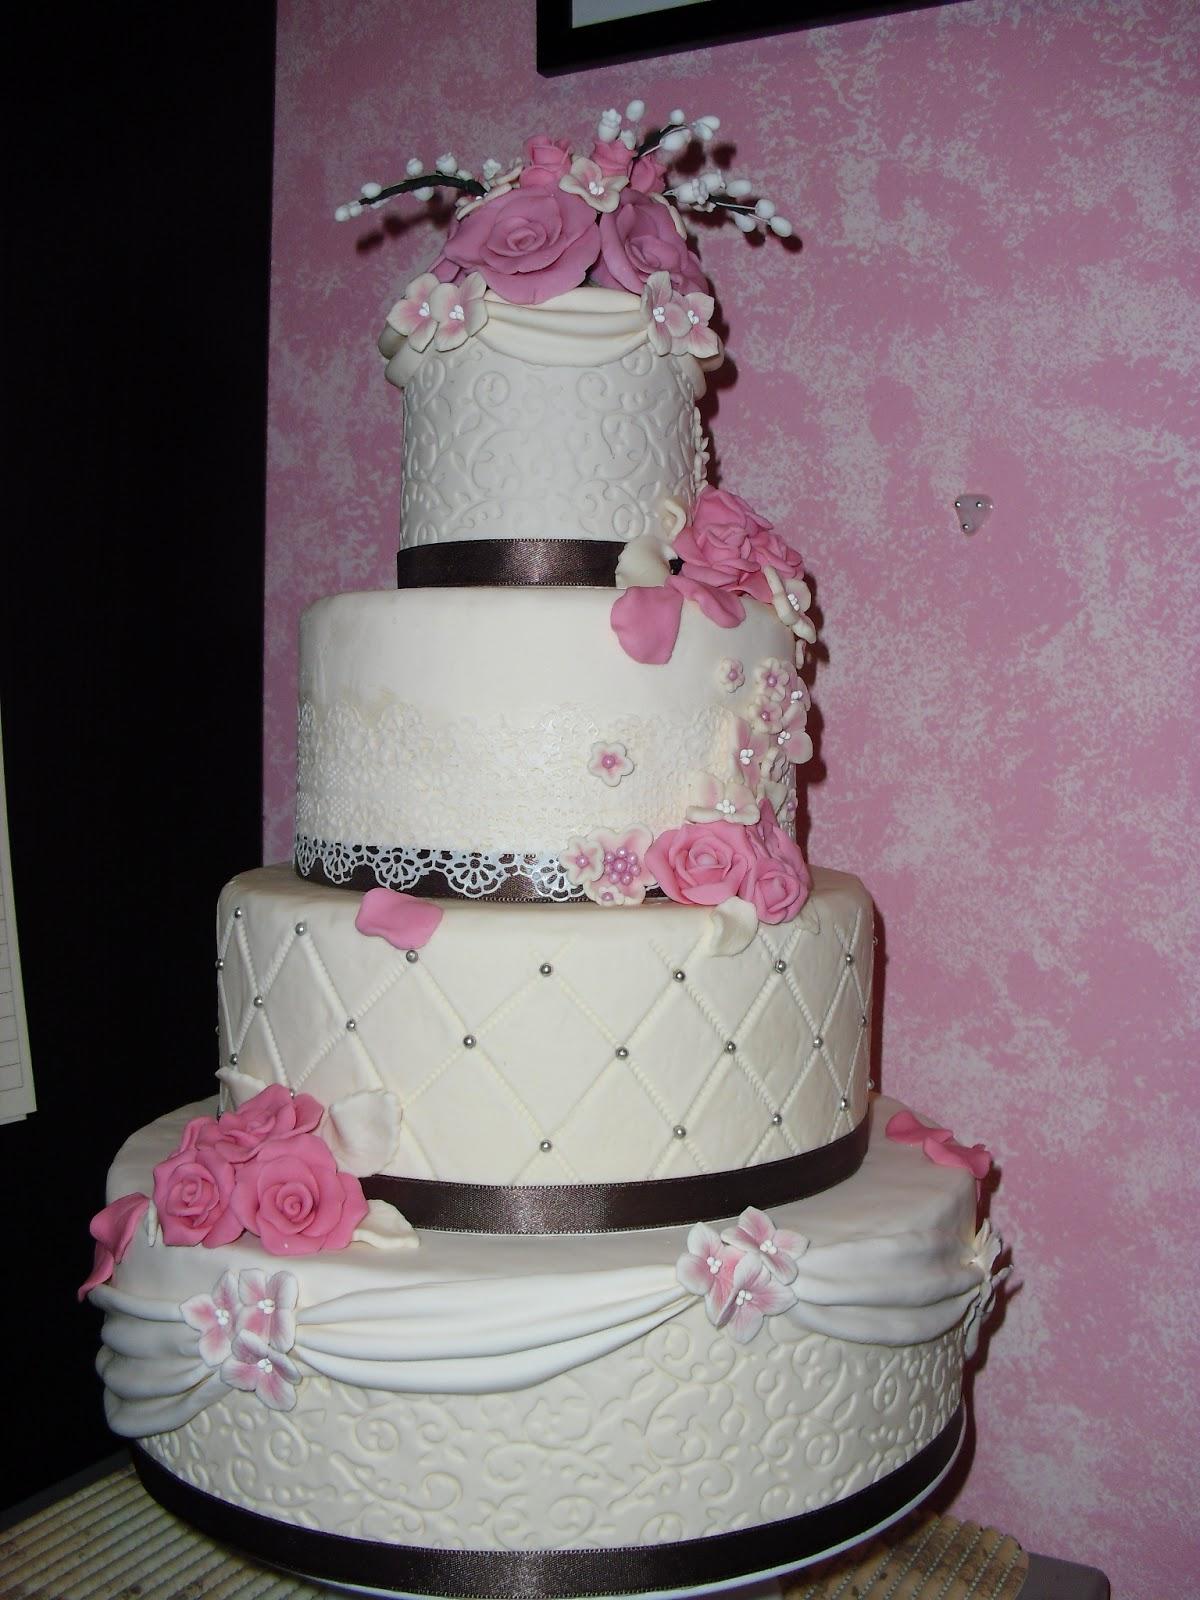 Wedding cake di 4 piani le torte di antonella for Piani per costruire una casa a buon mercato